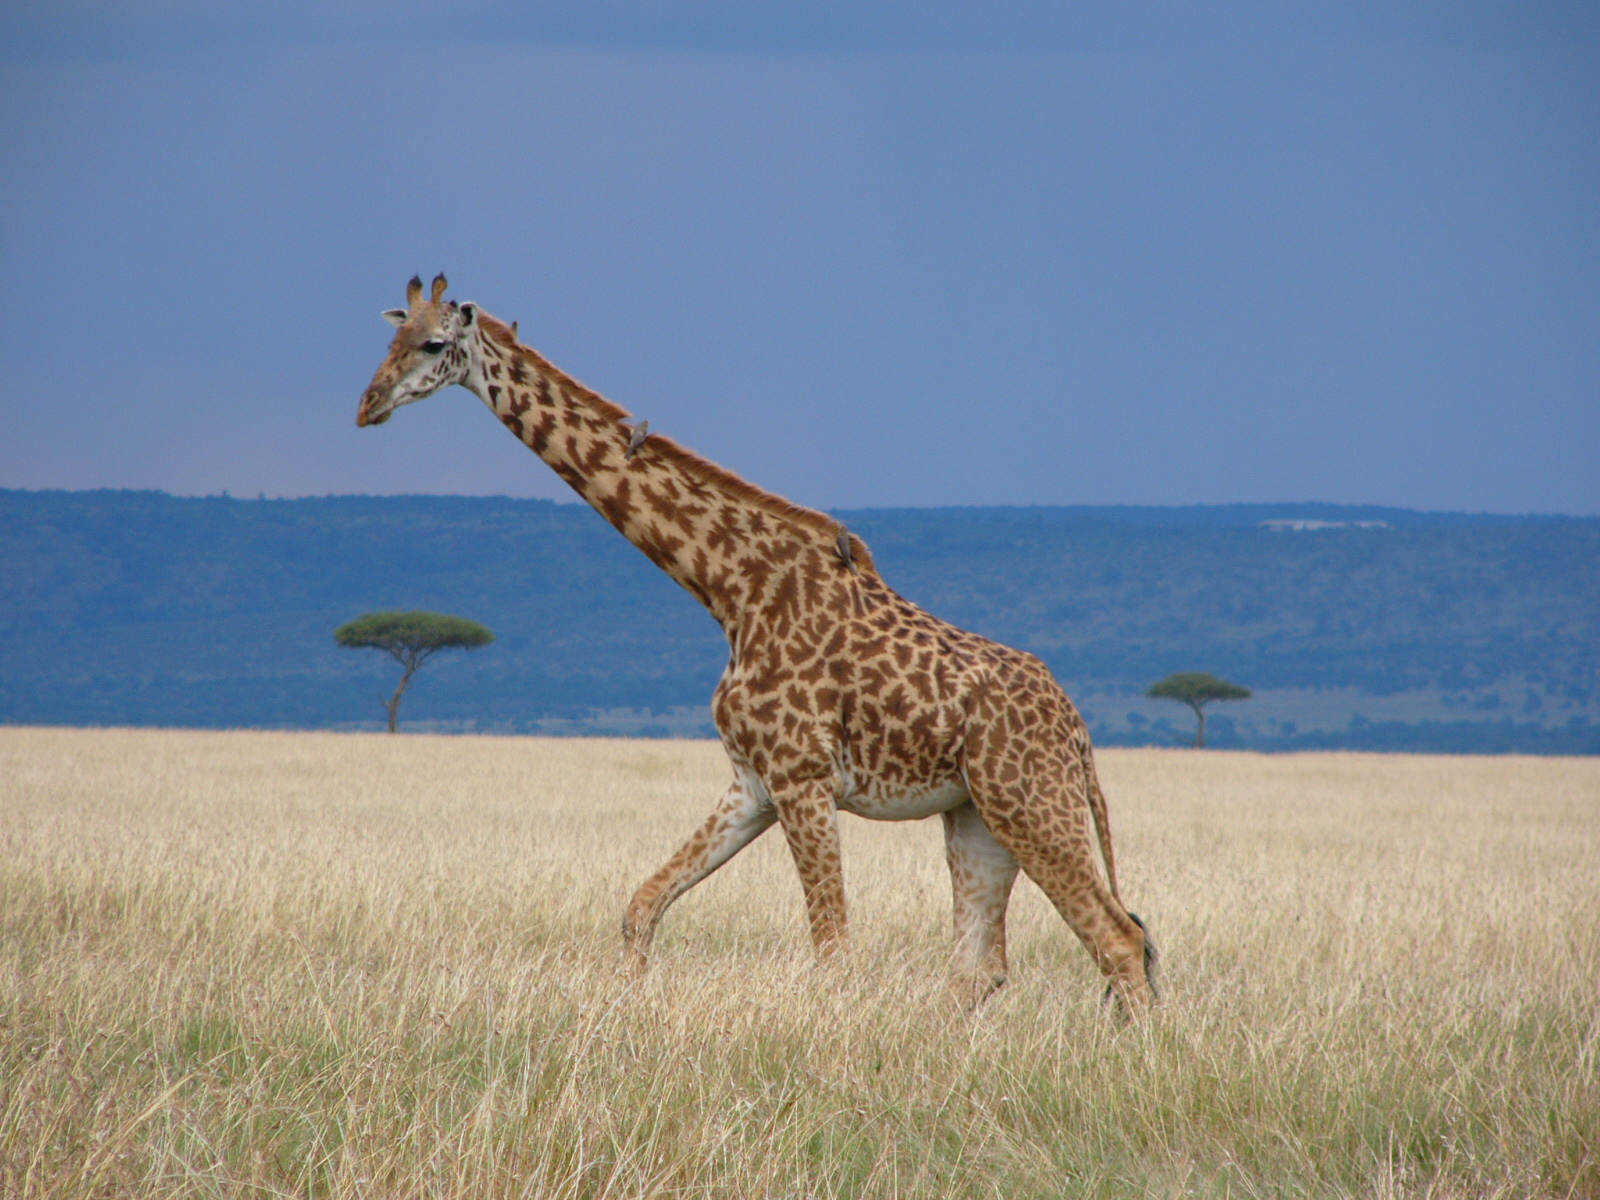 Giraffe and Mara landscape